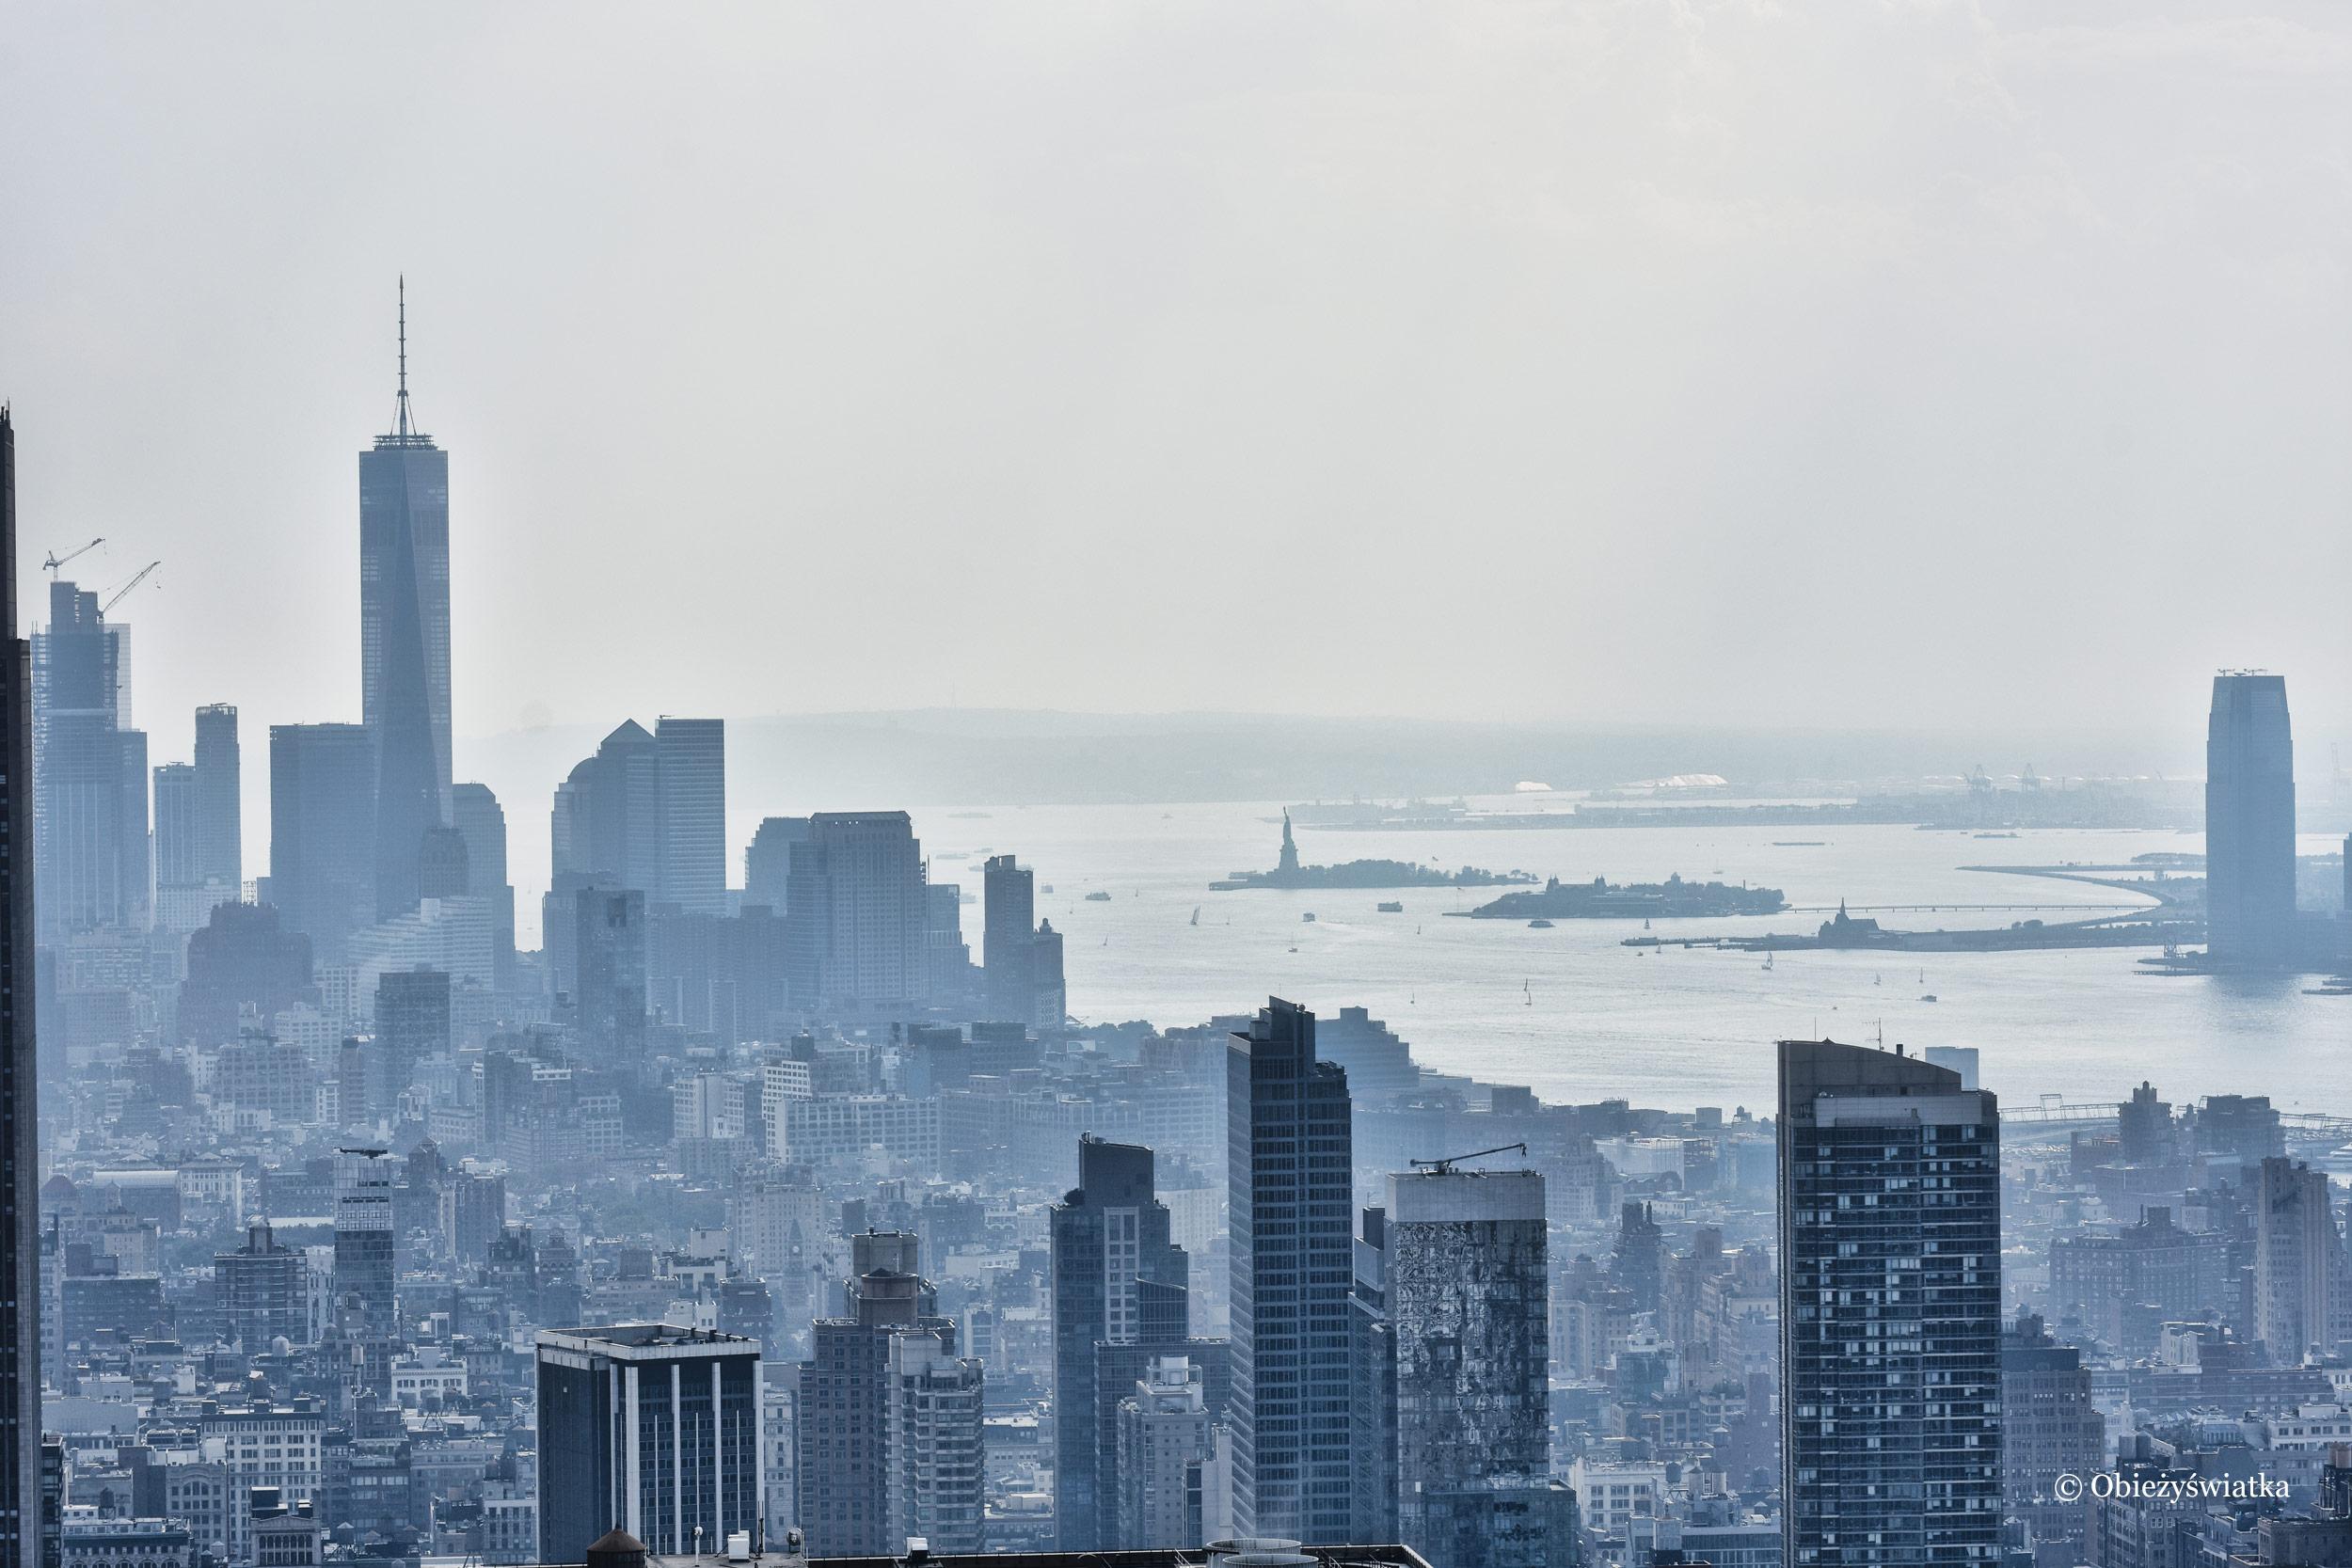 Panorama Nowego Jorku ze Statuą Wolności w tle - widok z Rockefeller Center